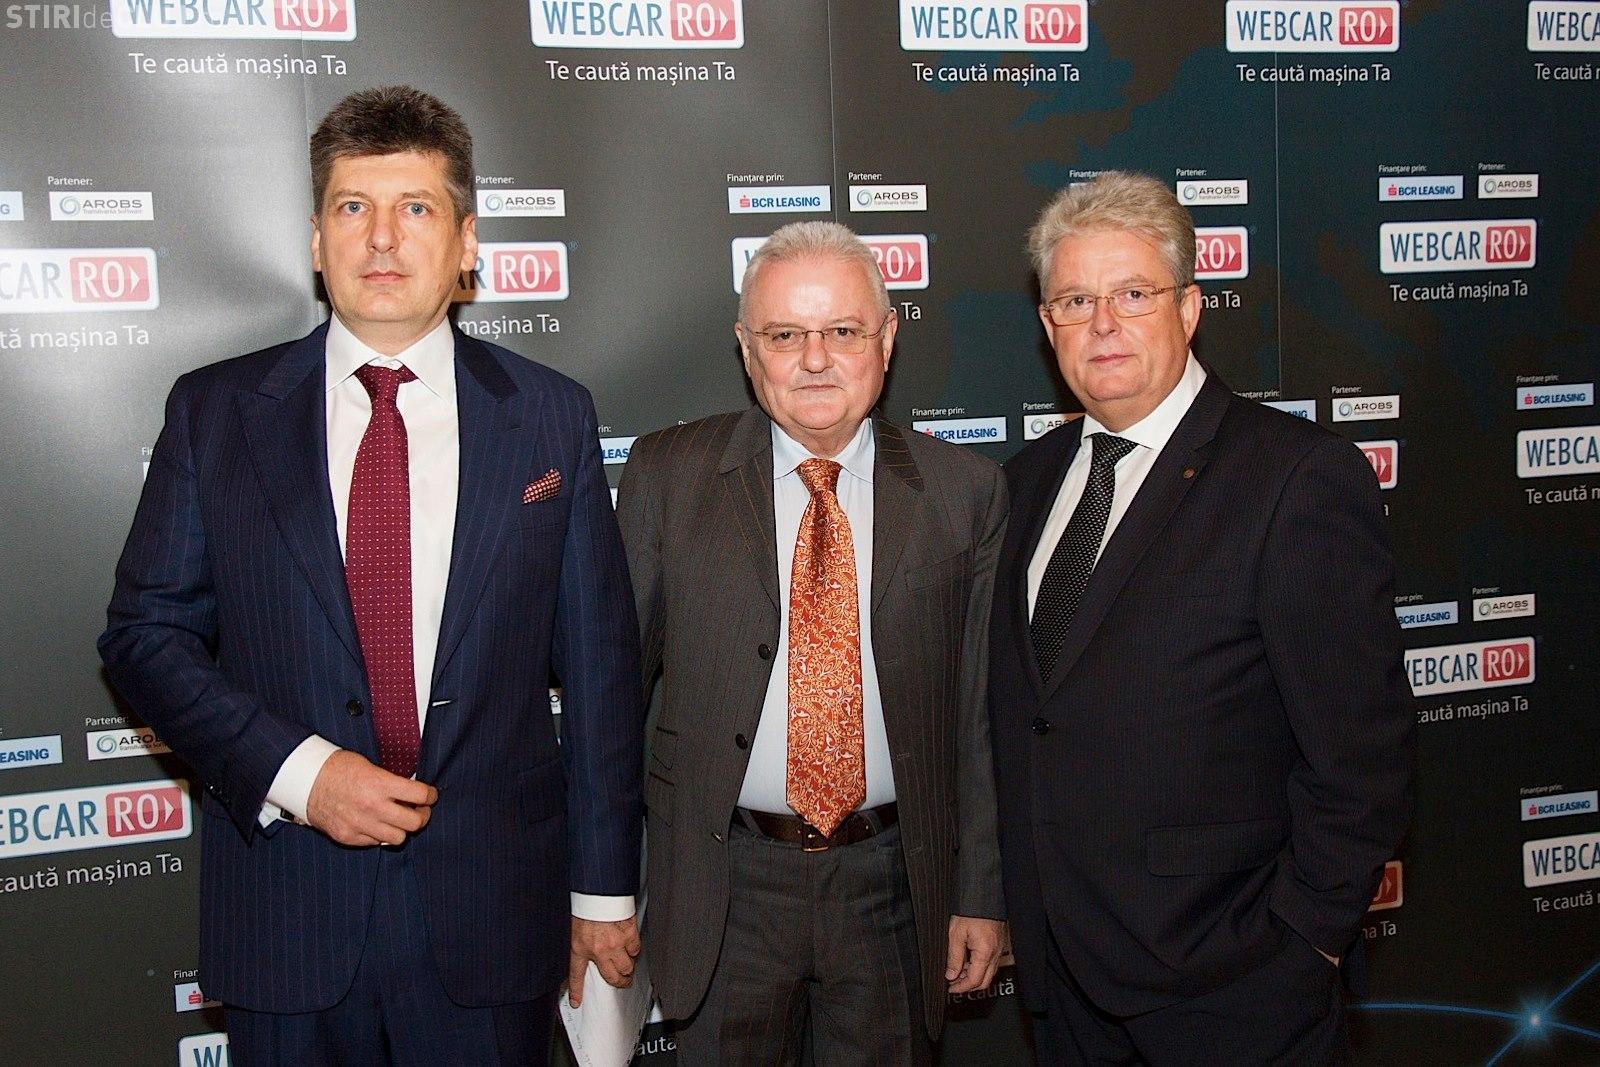 """Miki Webcar, pe numele lui real Miklos Nagy, """"samsarul"""" din Cluj trimis în arest, făcea afaceri cu vedete Playboy"""